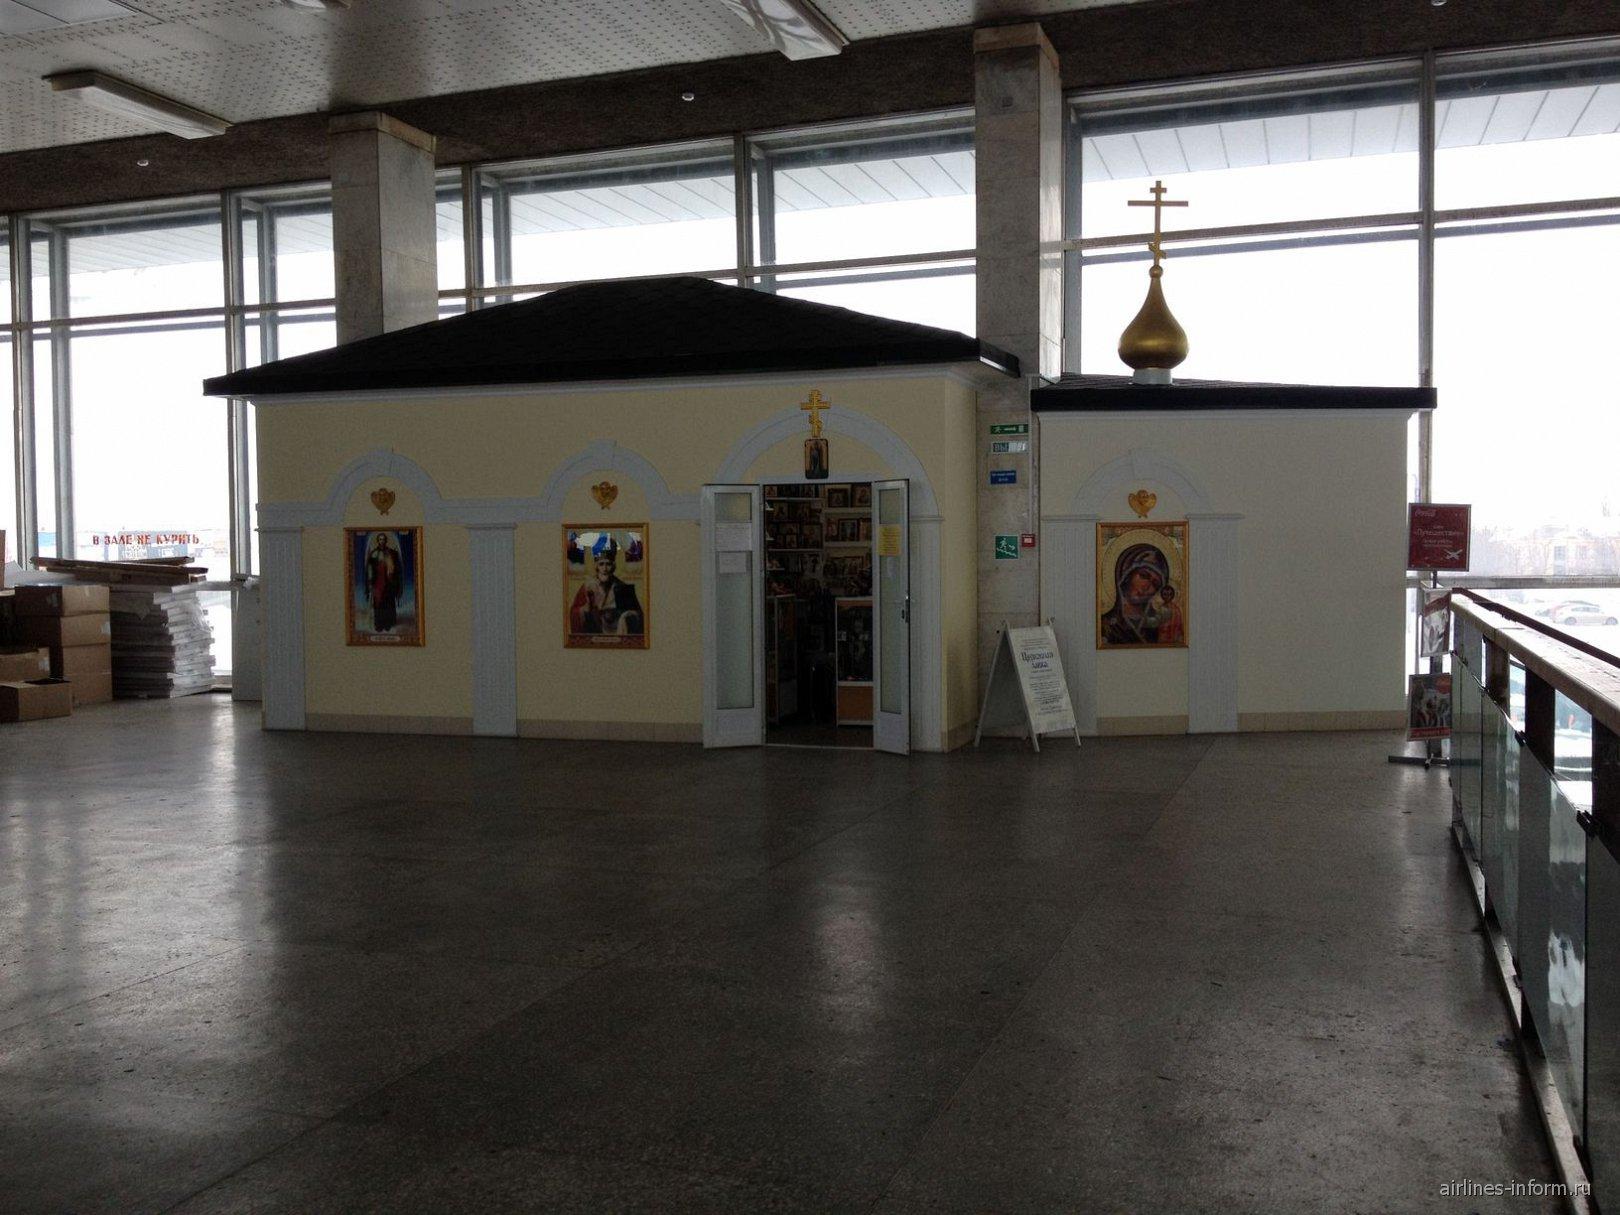 Часовня в аэропорту Волгограда